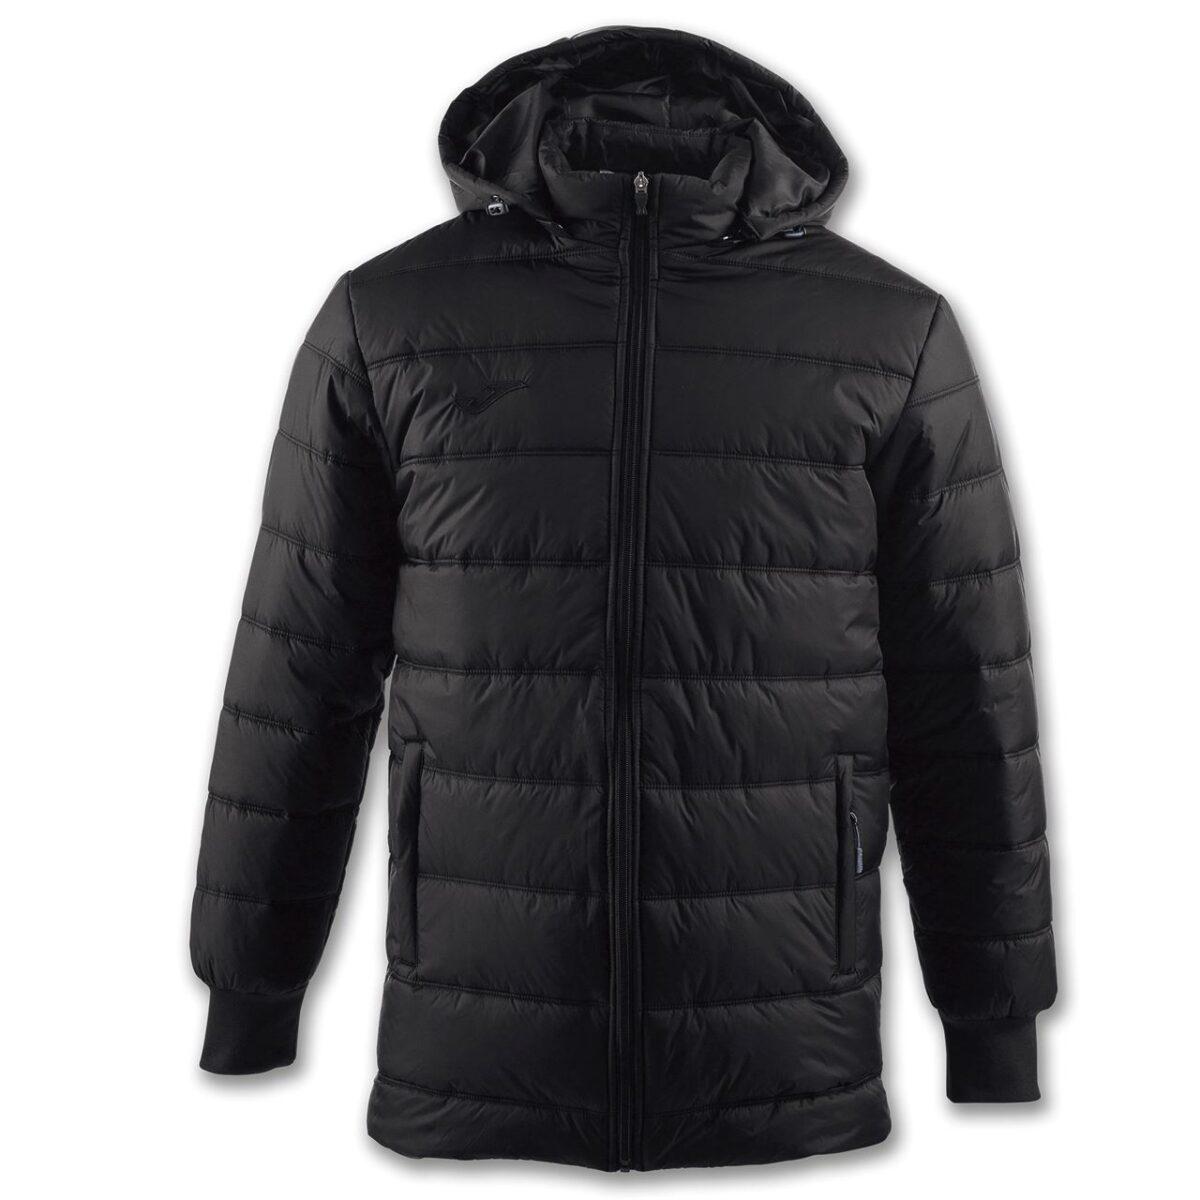 Joma Alaska Urban Jacket 100659 - Adult - CLEARANCE